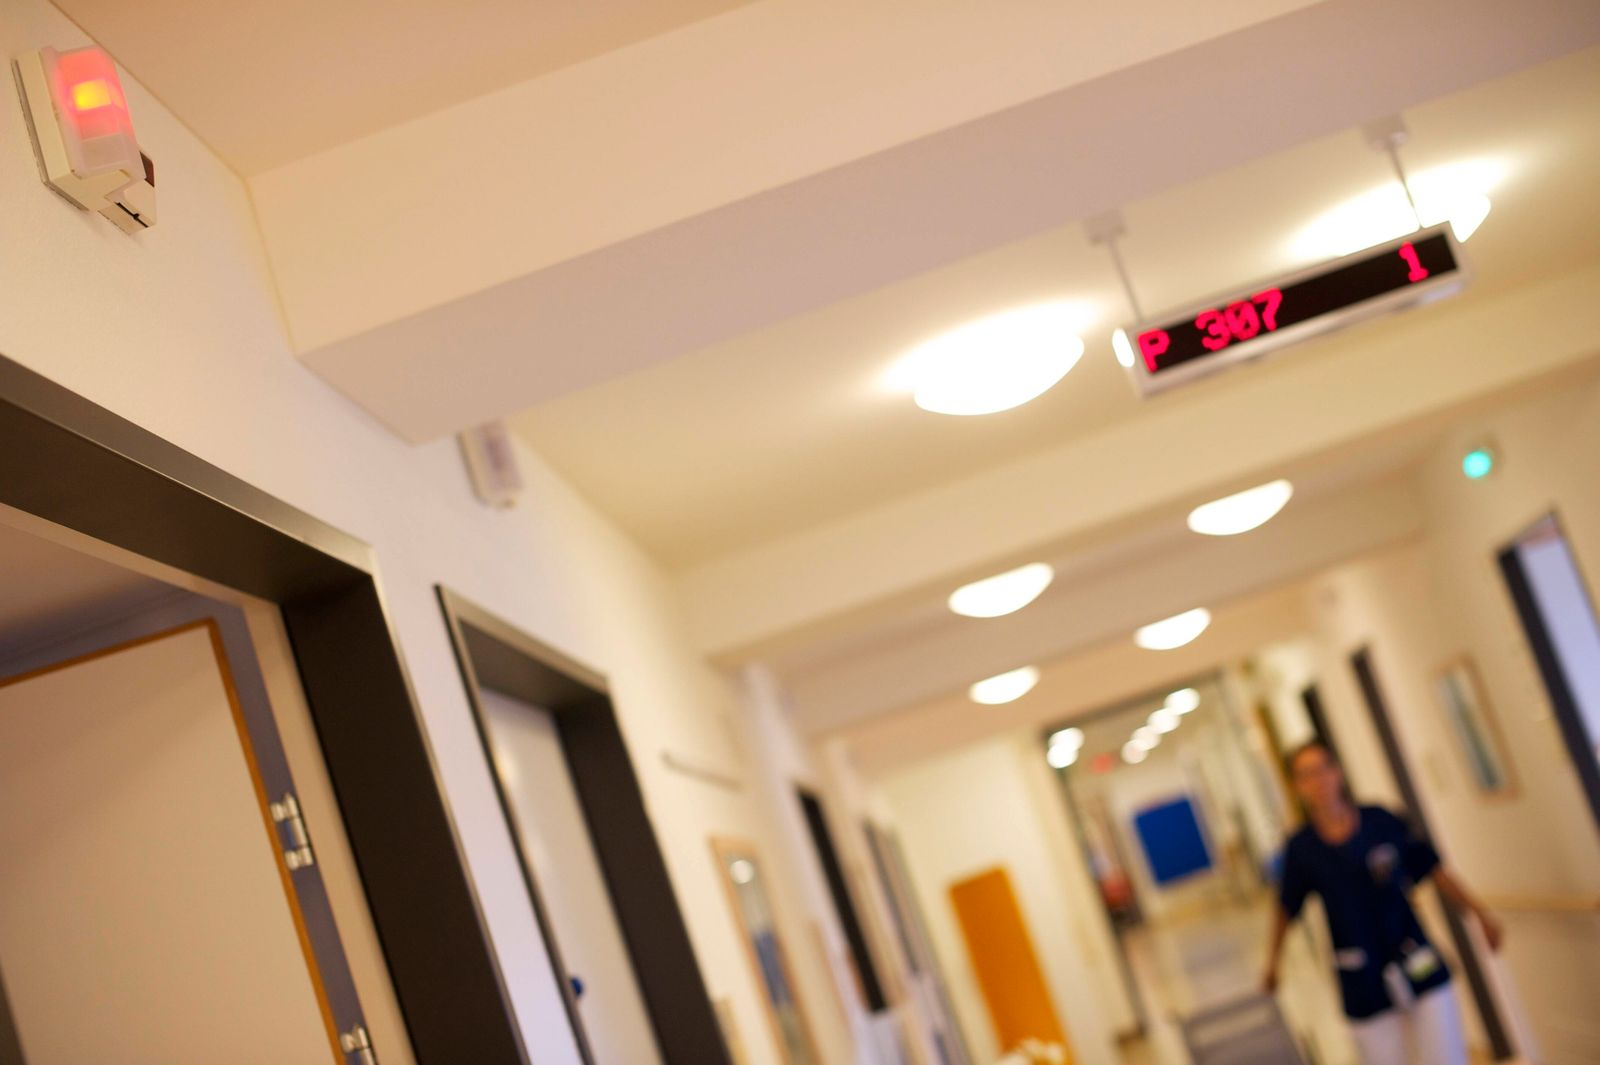 im Krankenhaus Krankenhausflur aus der Sicht eines Patienten Duisburg NRW Nordrhein-Westfalen Deutschland Germany *** in